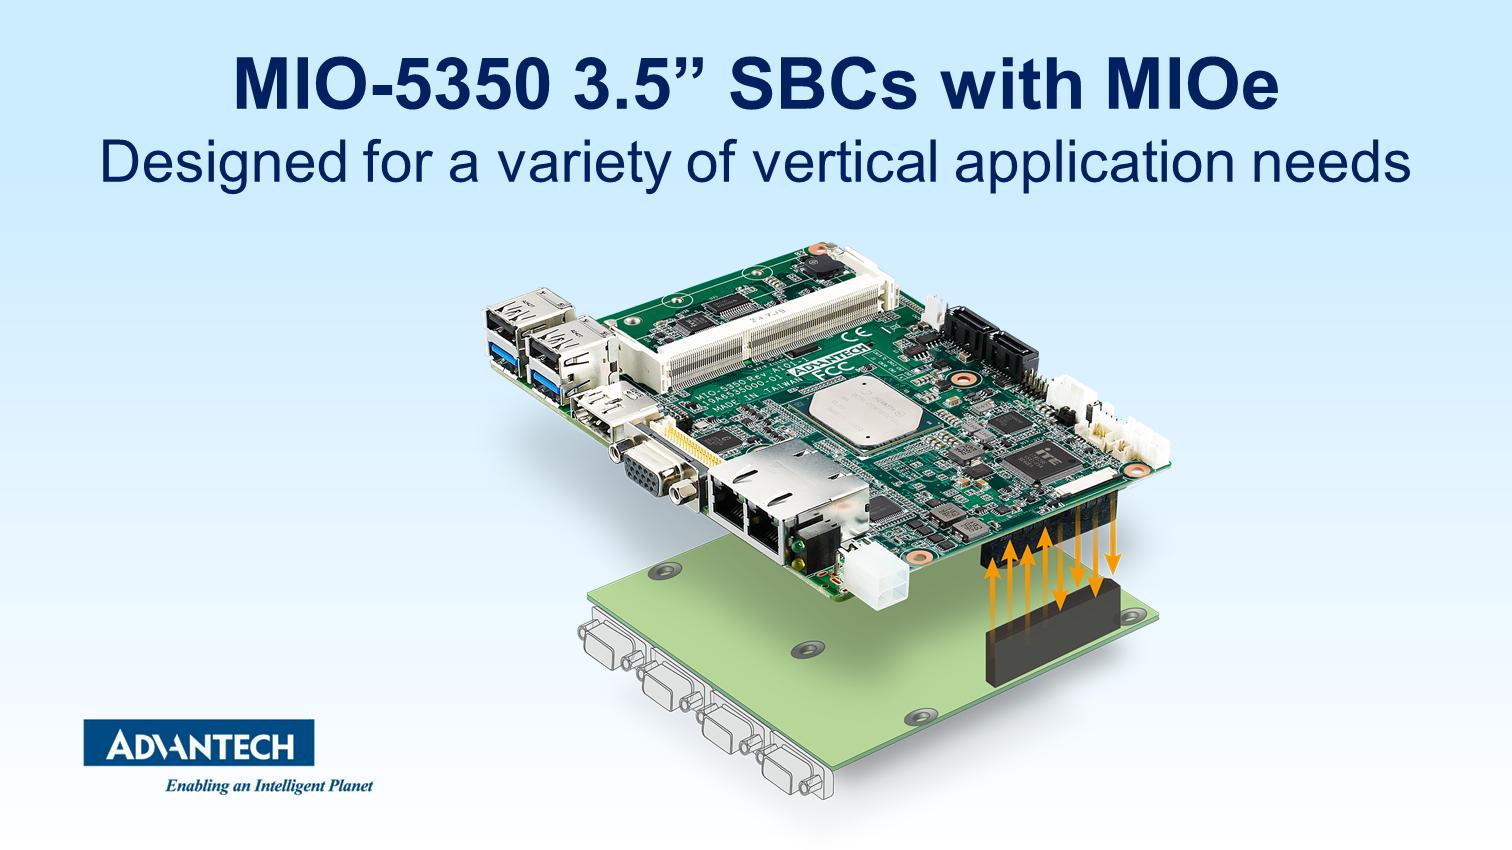 研华MIO-5350 3.5寸单板电脑 搭载Intel® Pentium® N4200/ Celeron® N3350 /Atom E3900系列处理器